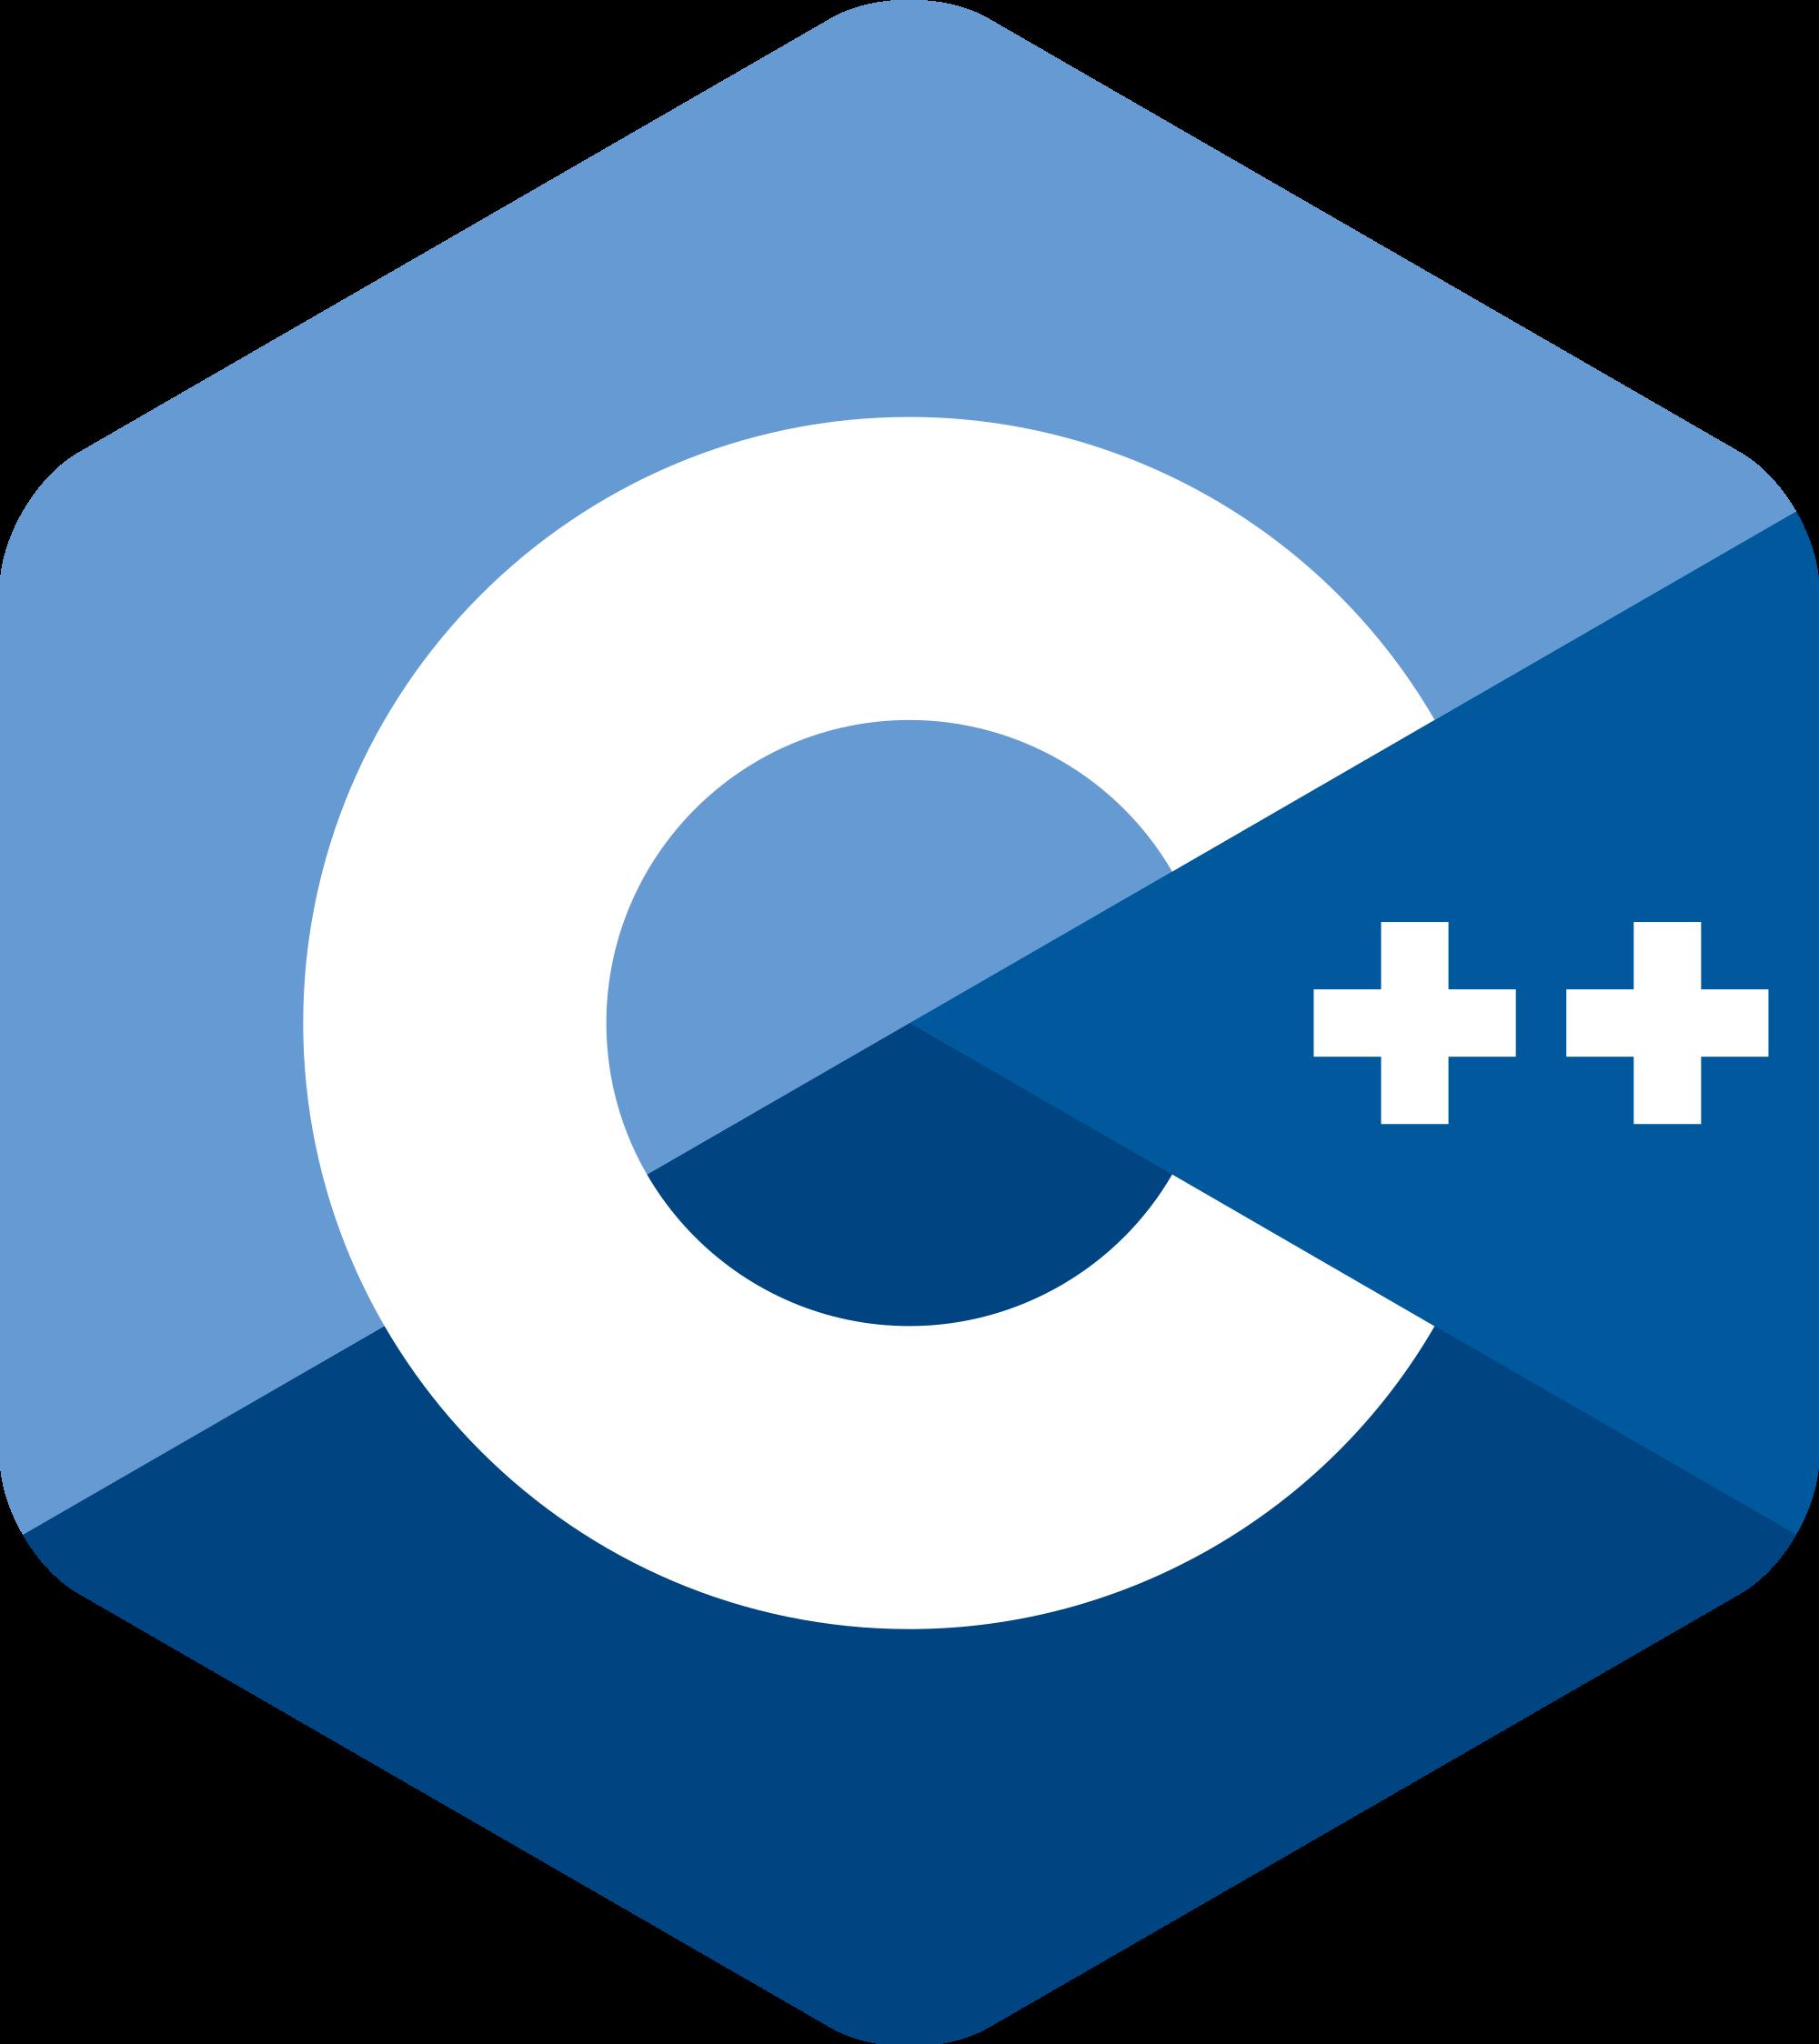 C++:Basic